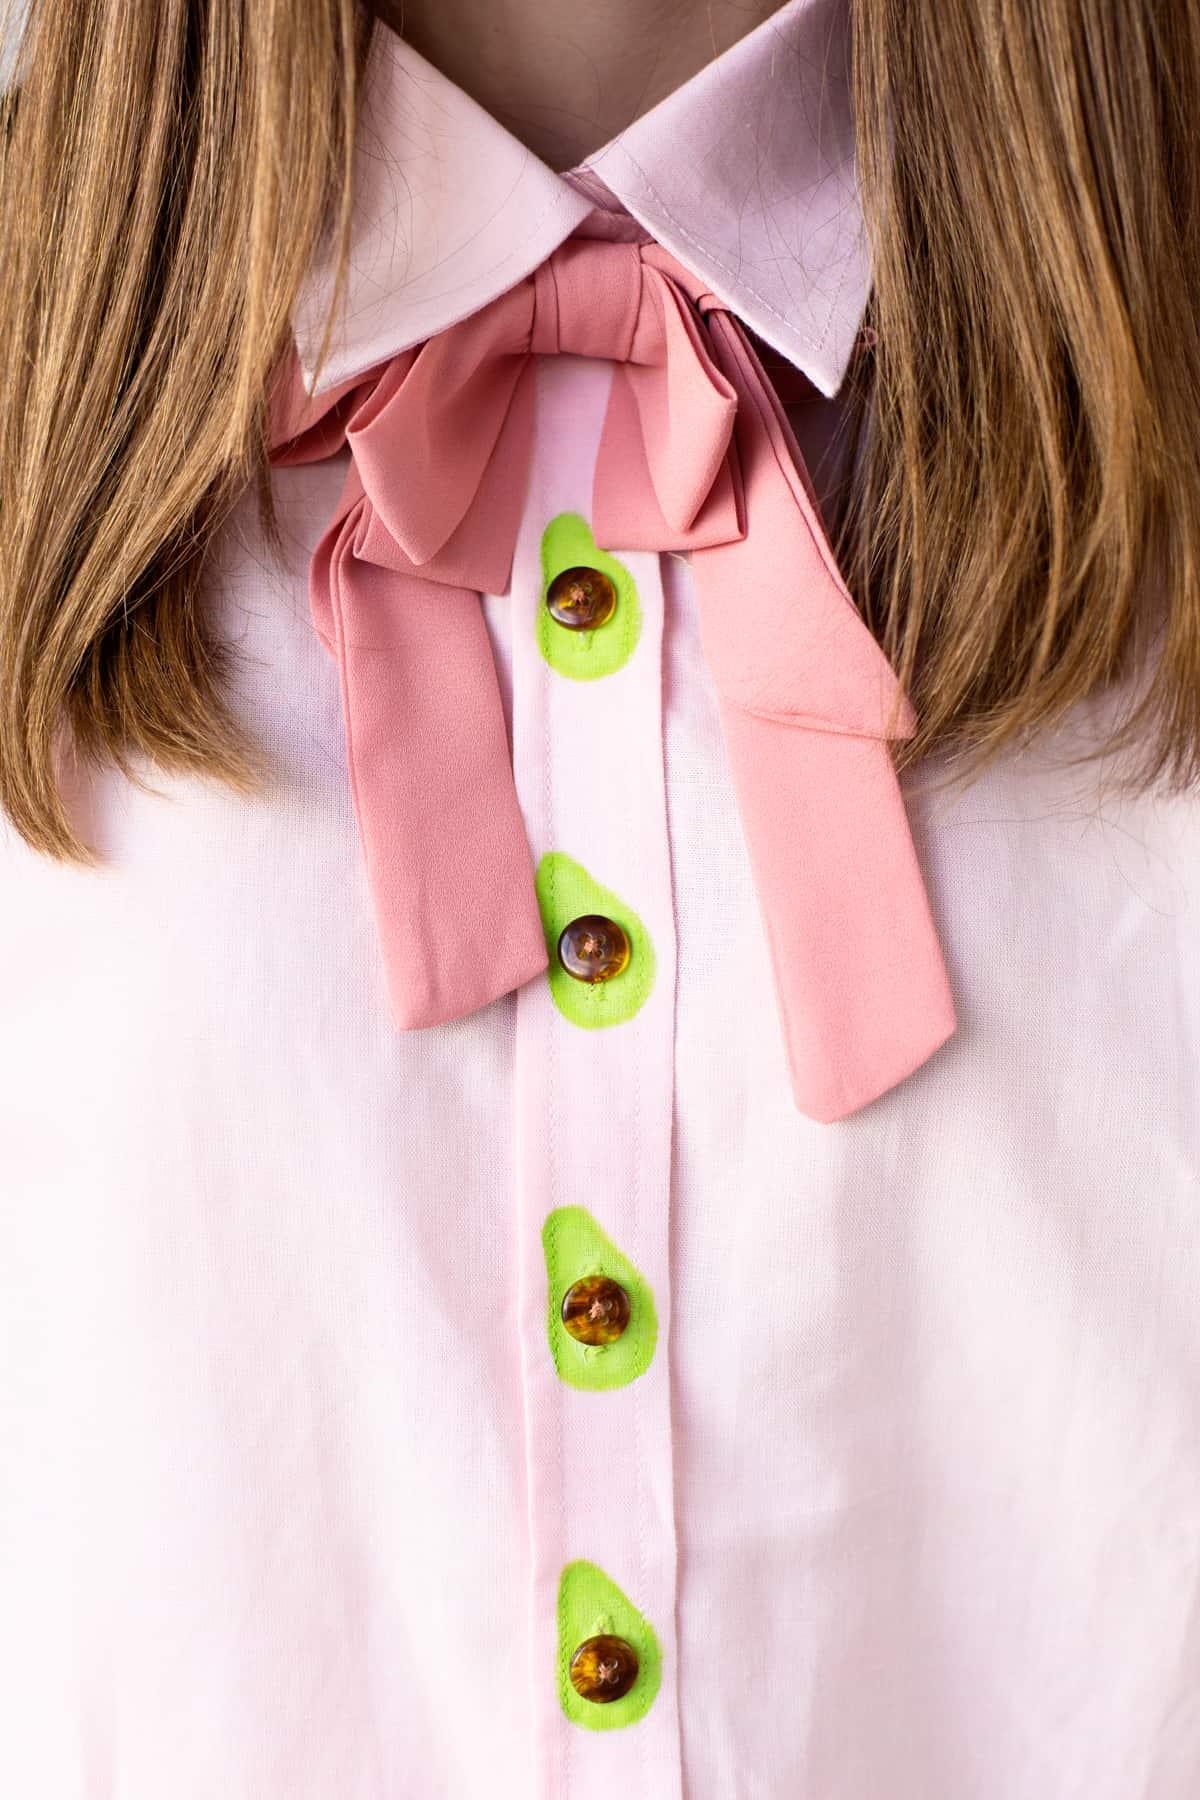 Avocado buttons